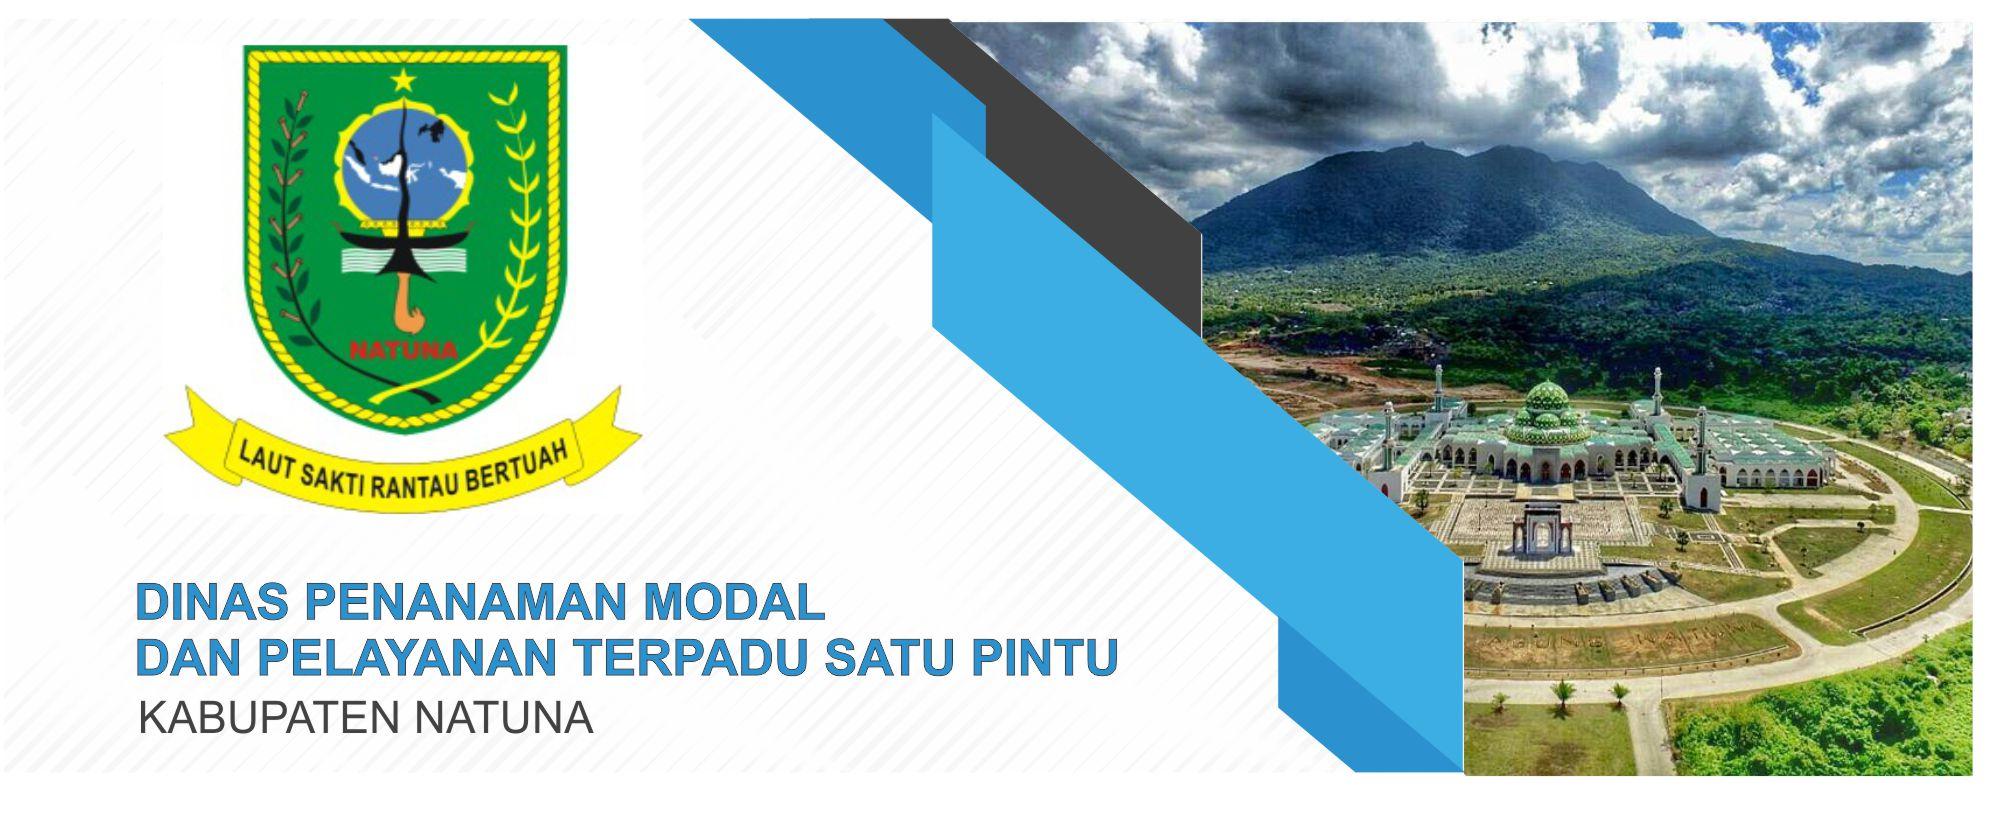 DPMPTSP Kabupaten Natuna